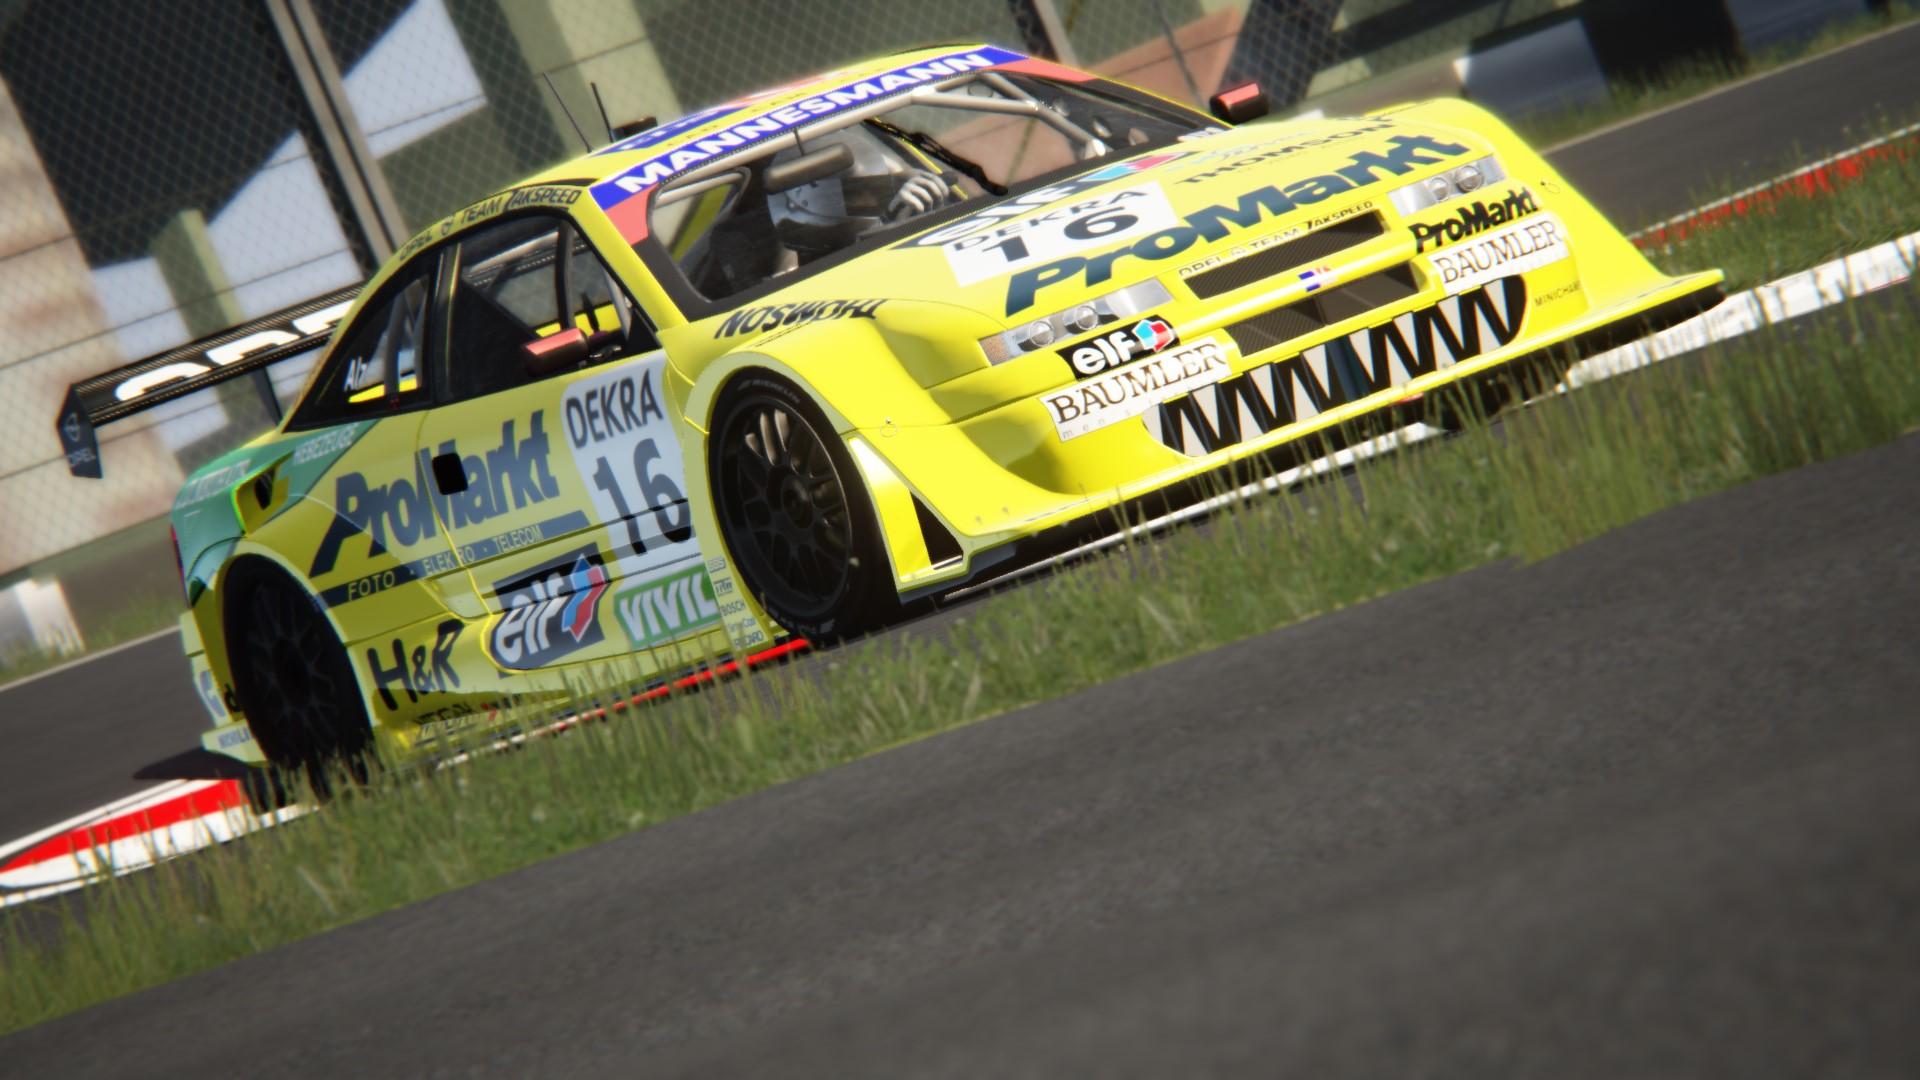 Opel Calibra - ITC 1996 - U  Alzen - Interlagos by